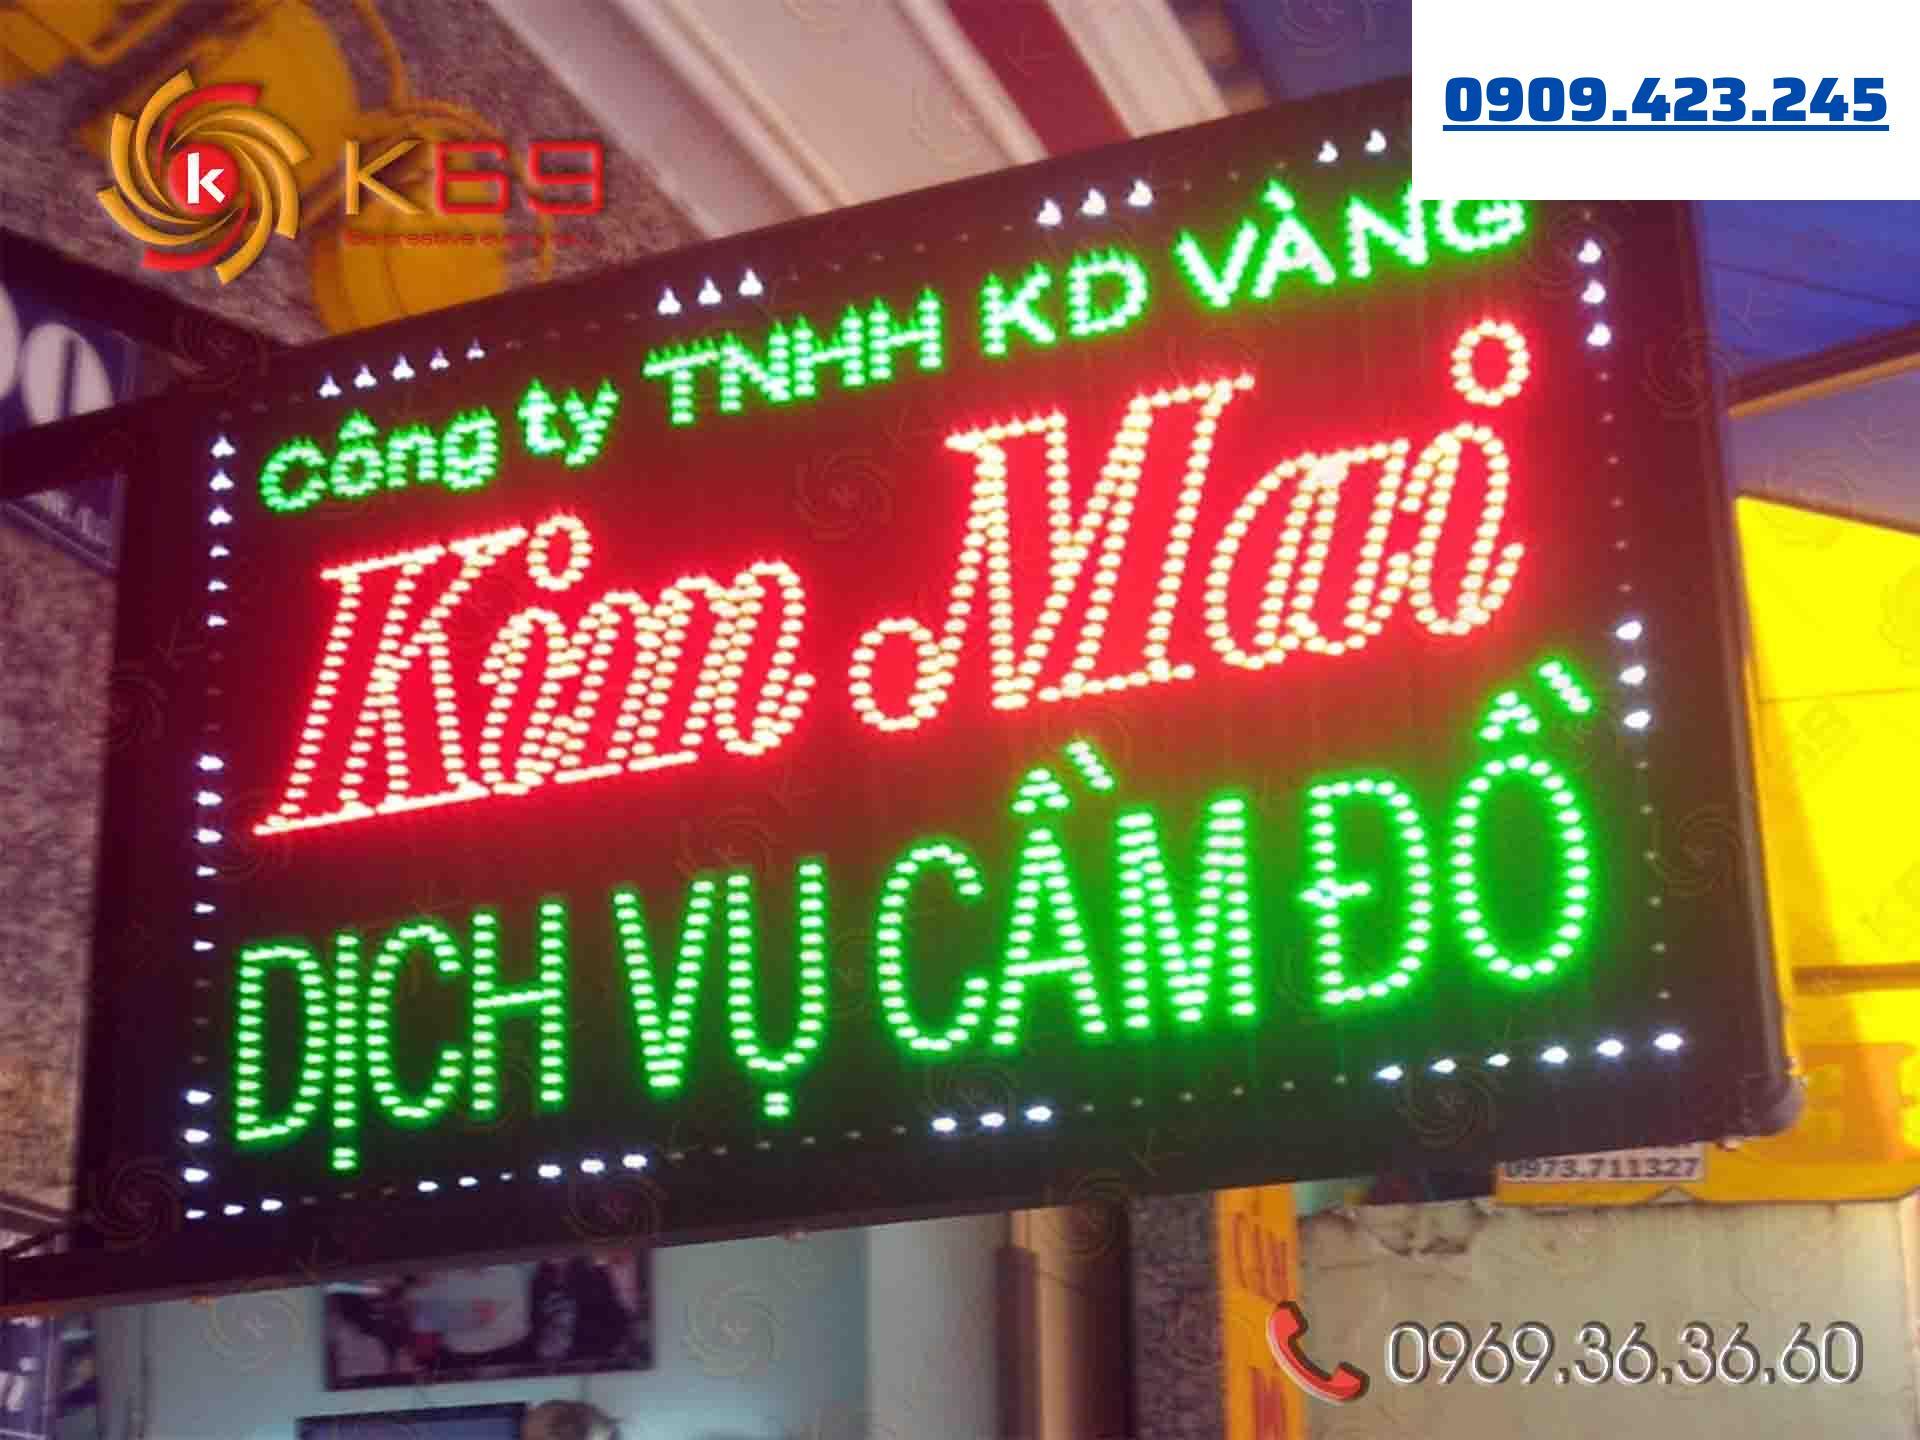 K69ADV chuyên làm bảng quảng cáo uy tín - giá rẻ